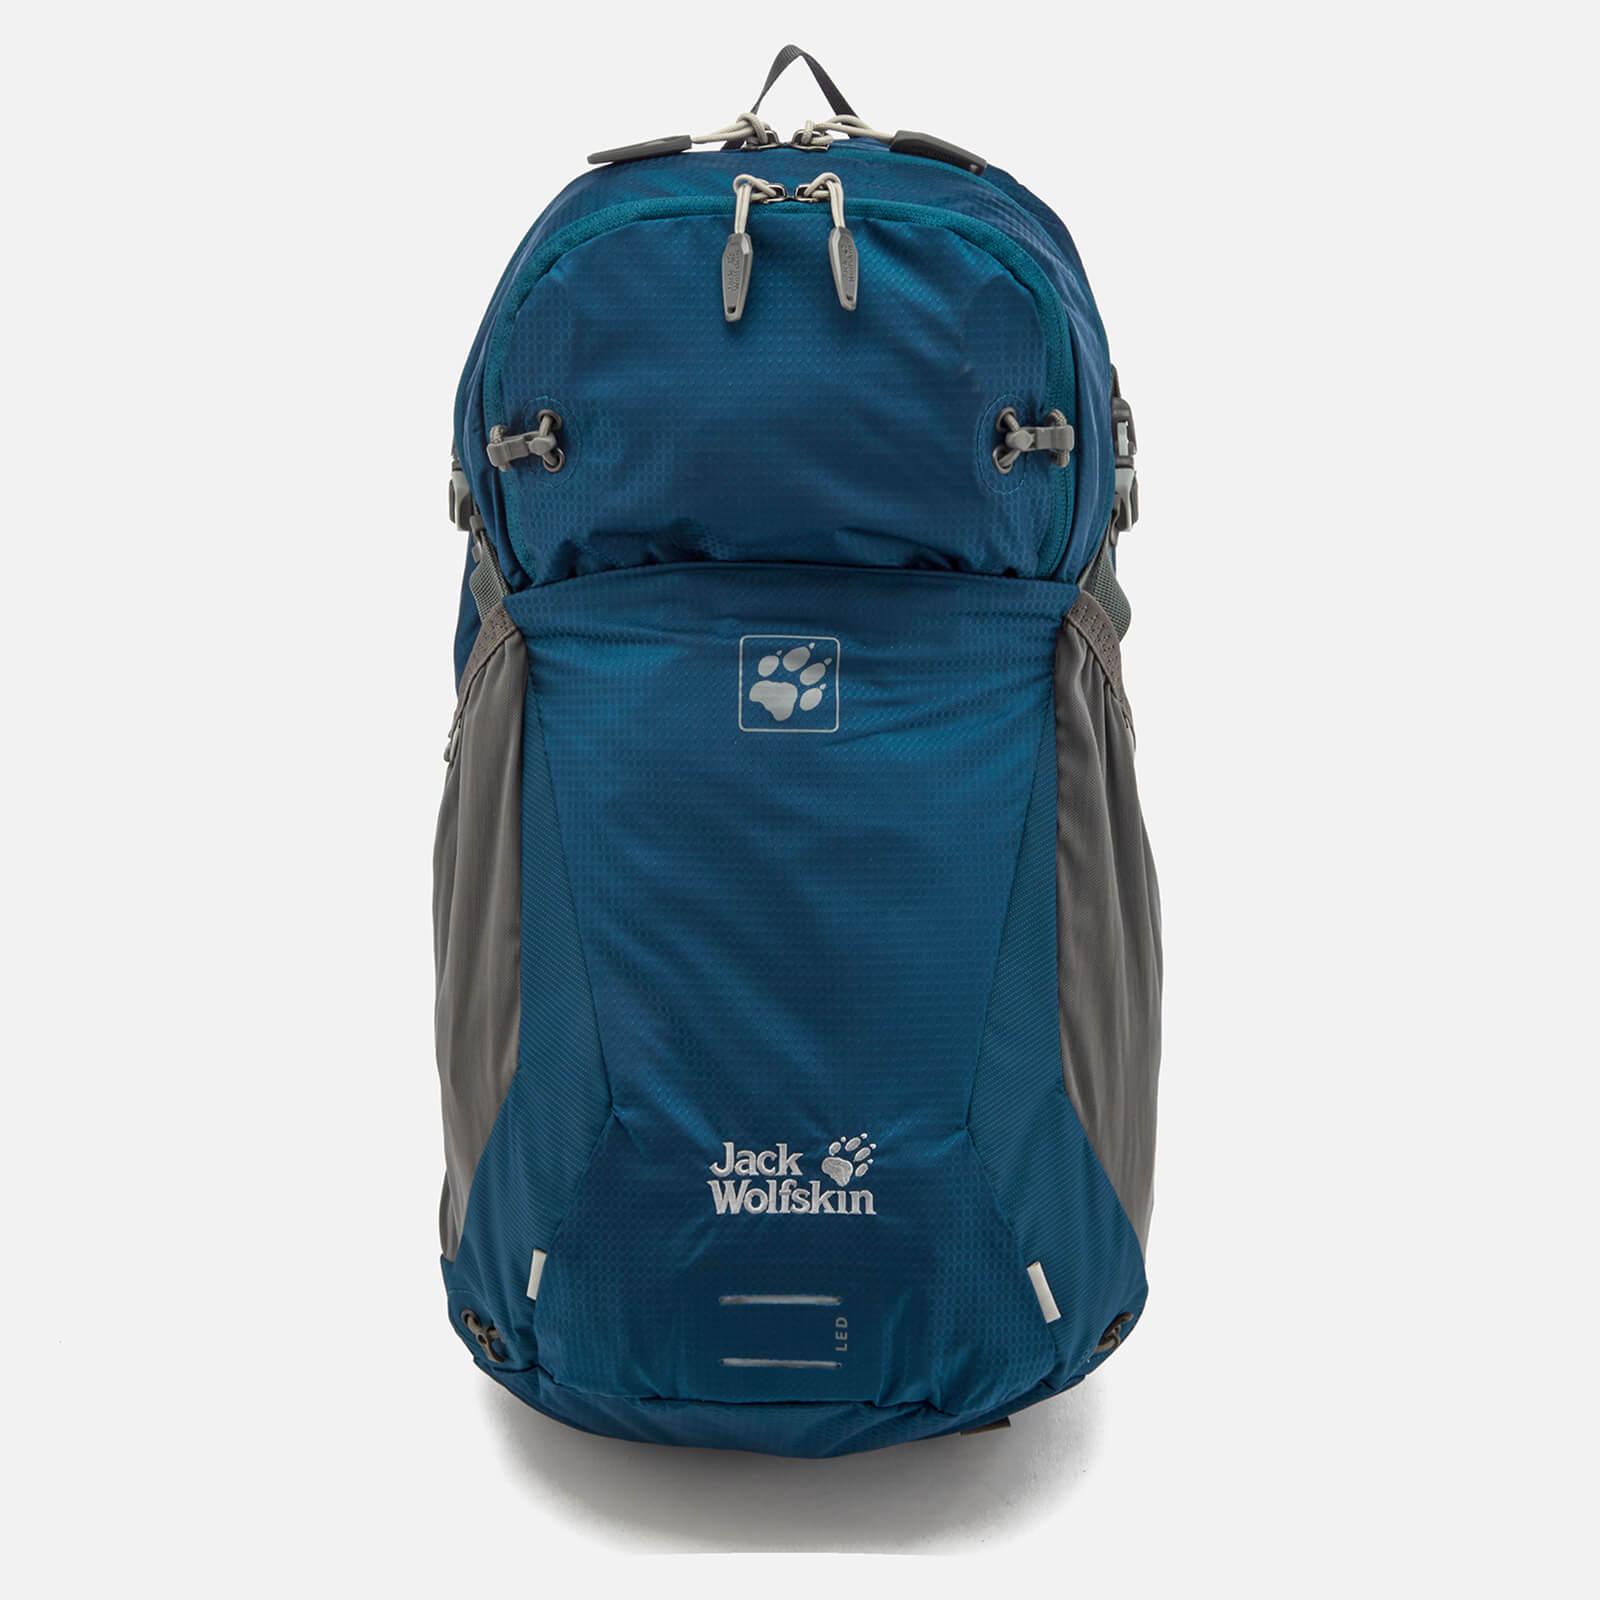 taniej Nowa kolekcja naprawdę wygodne Jack Wolfskin Men's Moab Jam 24 Backpack - Poseidon Blue